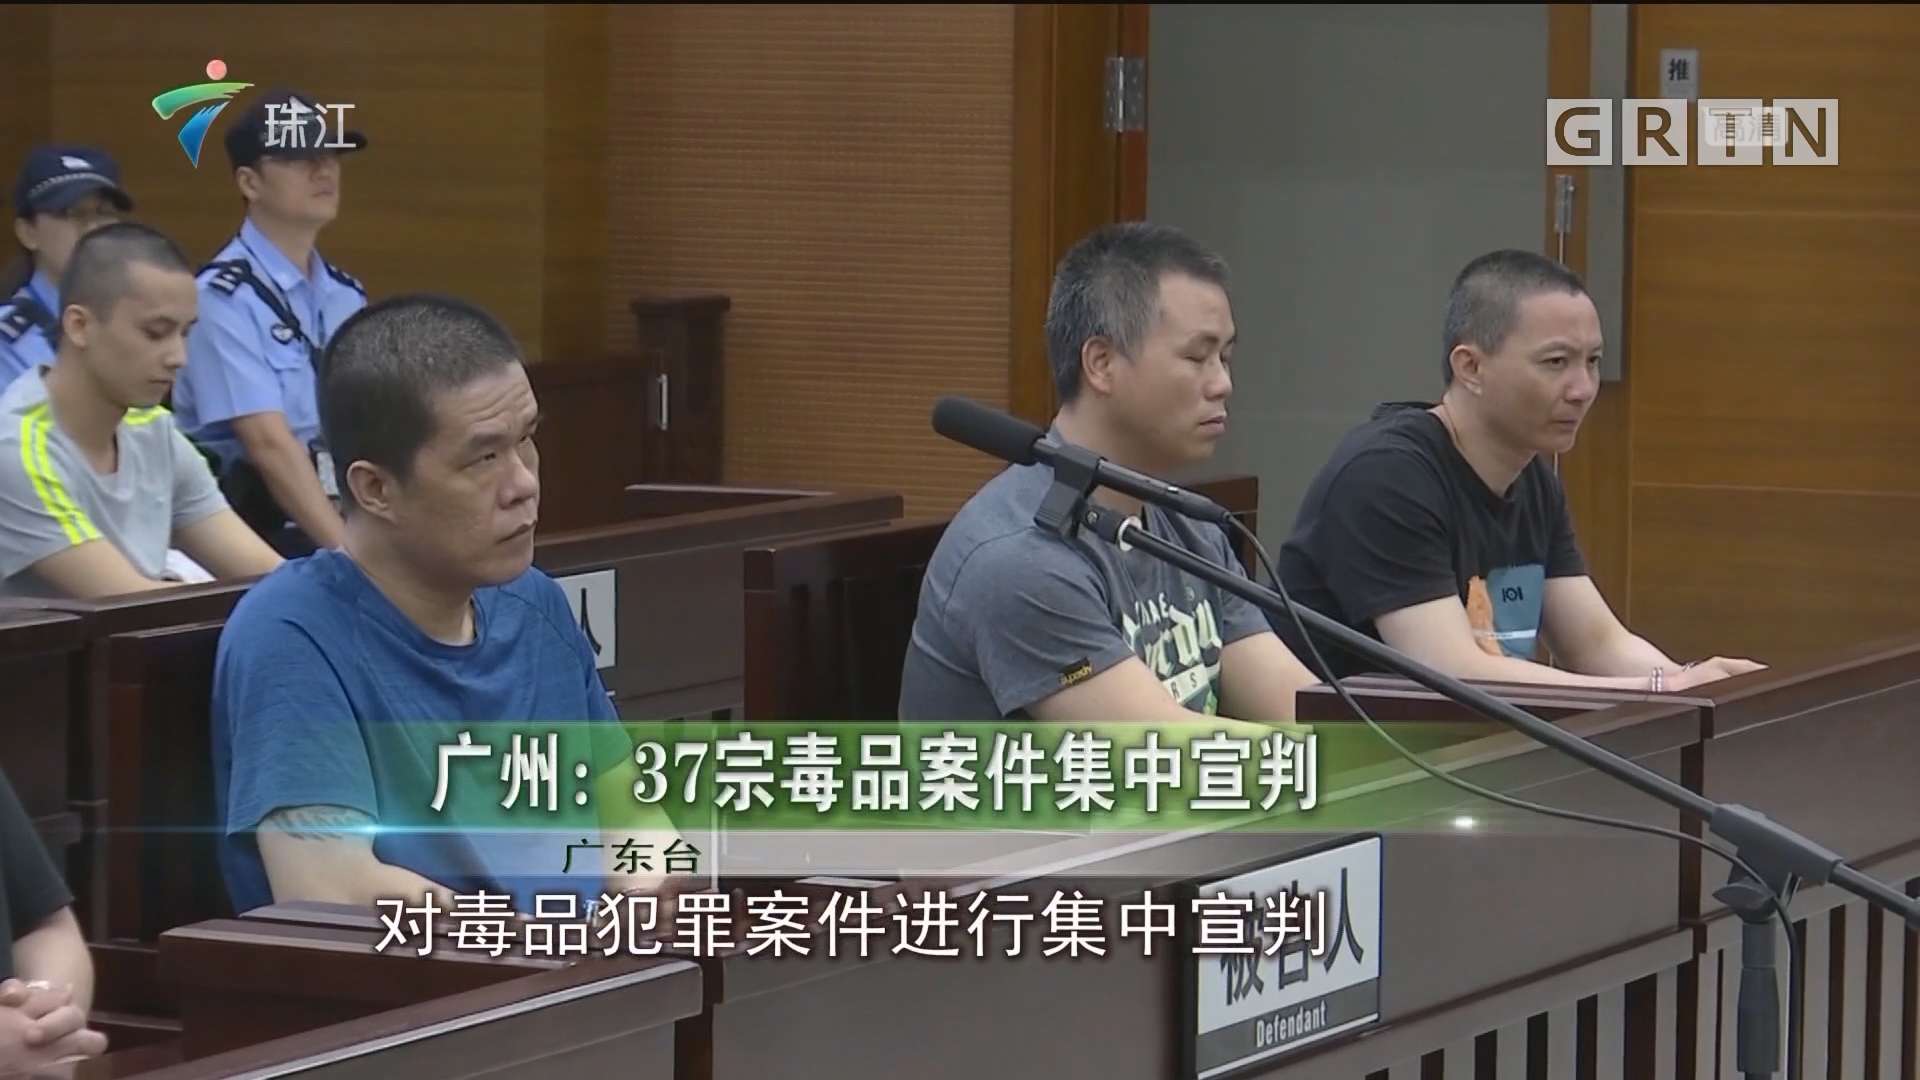 广州:37宗毒品案件集中宣判